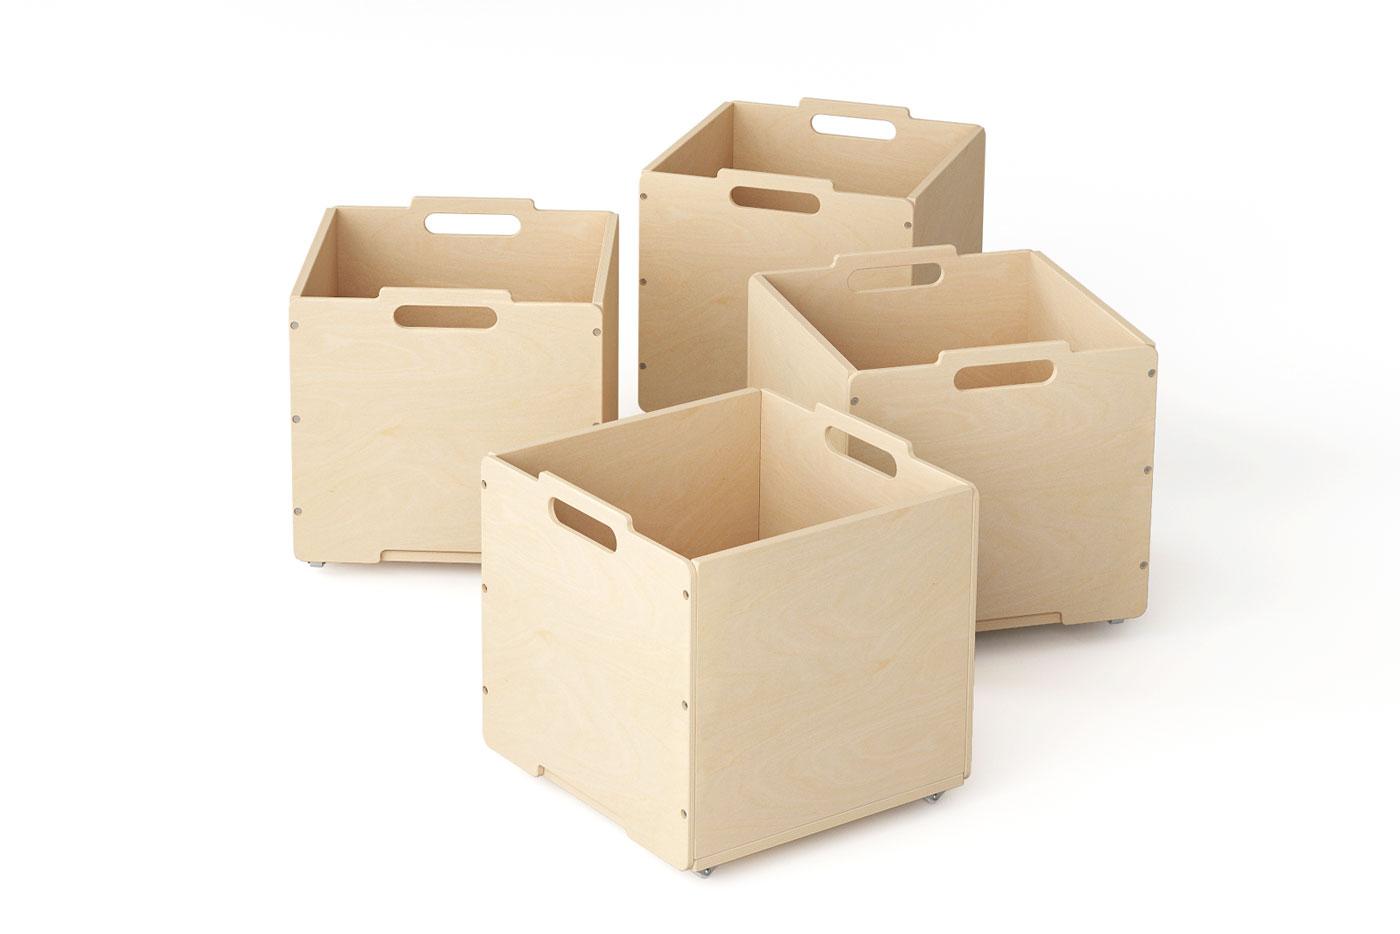 kallax-regal-kiste-holz-storage-set-4-15f68780e0c015